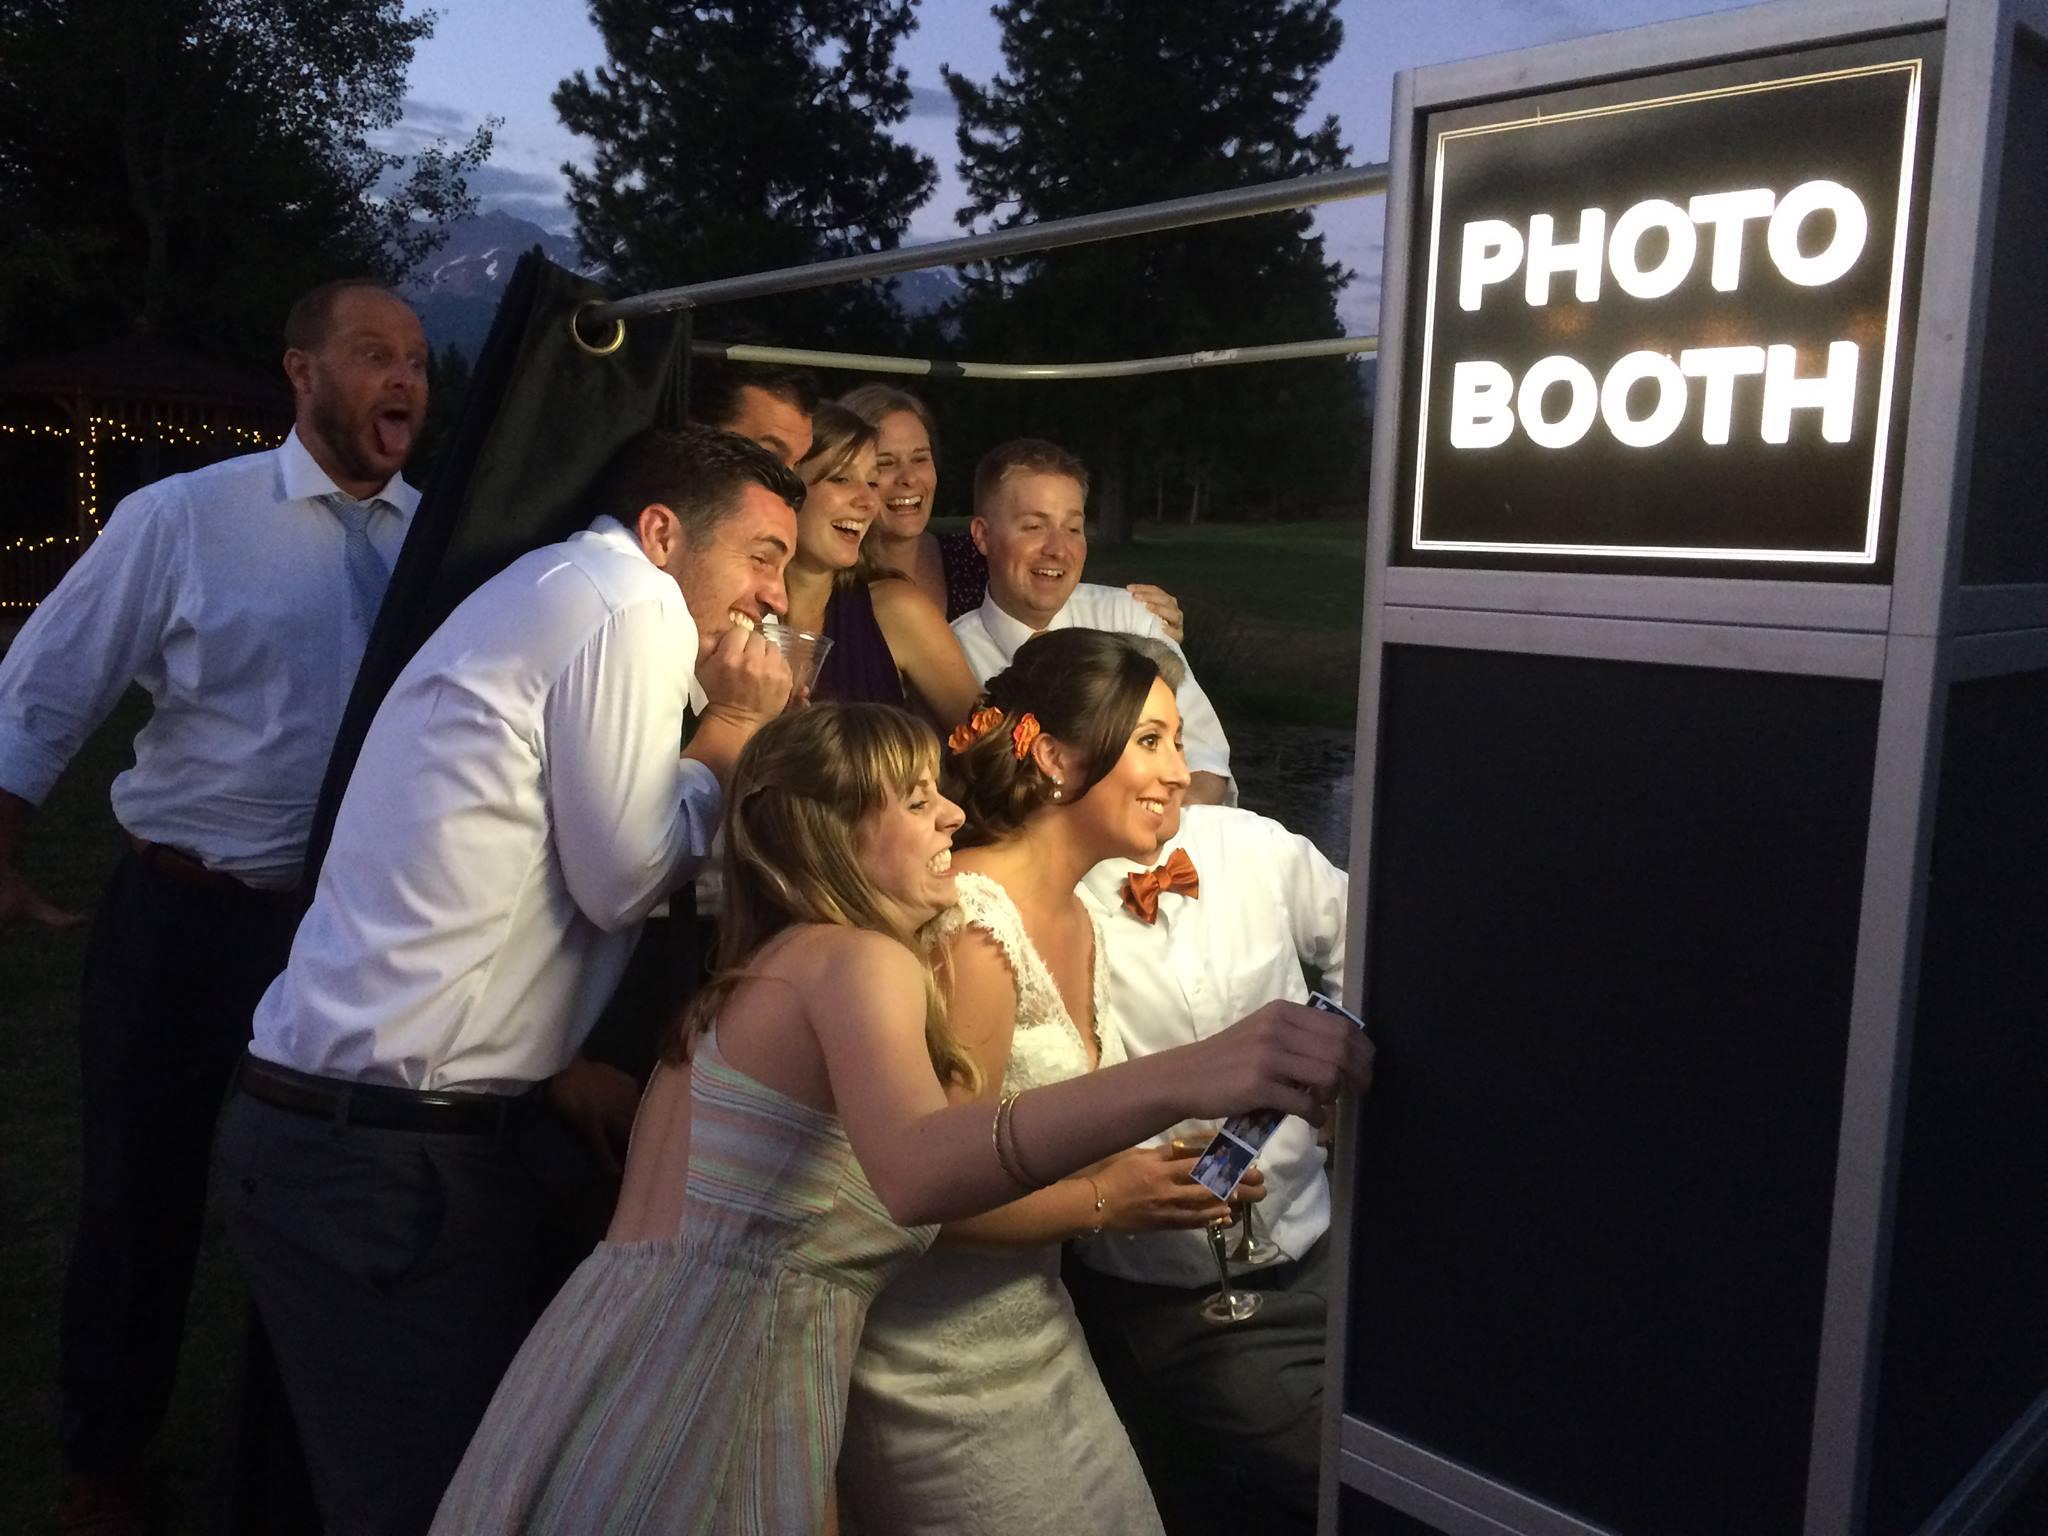 Netsound Pro - Norcal Weddings